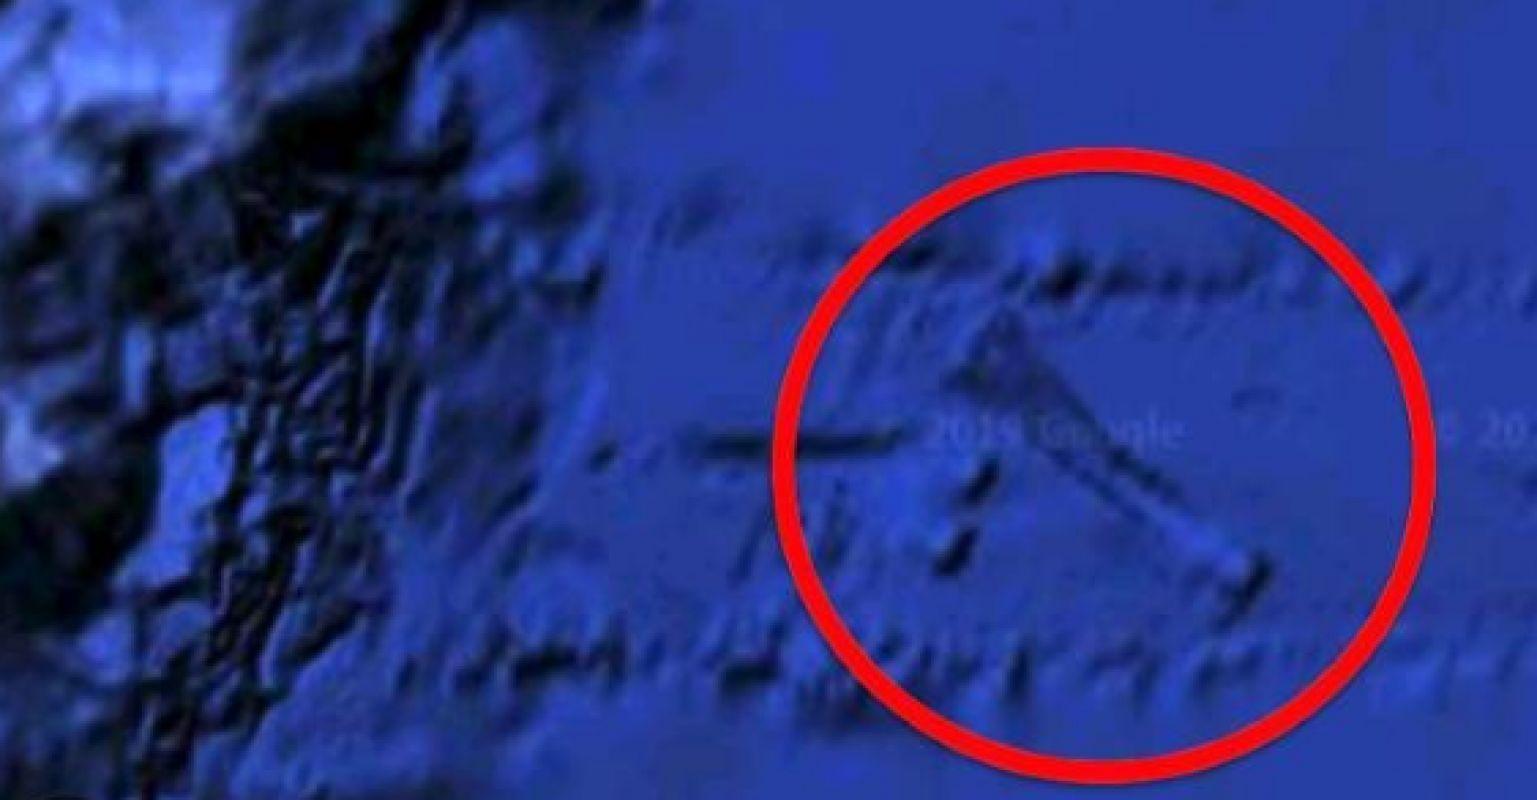 Возле Гавайских островов обнаружена предполагаемая база пришельцев, есть фото